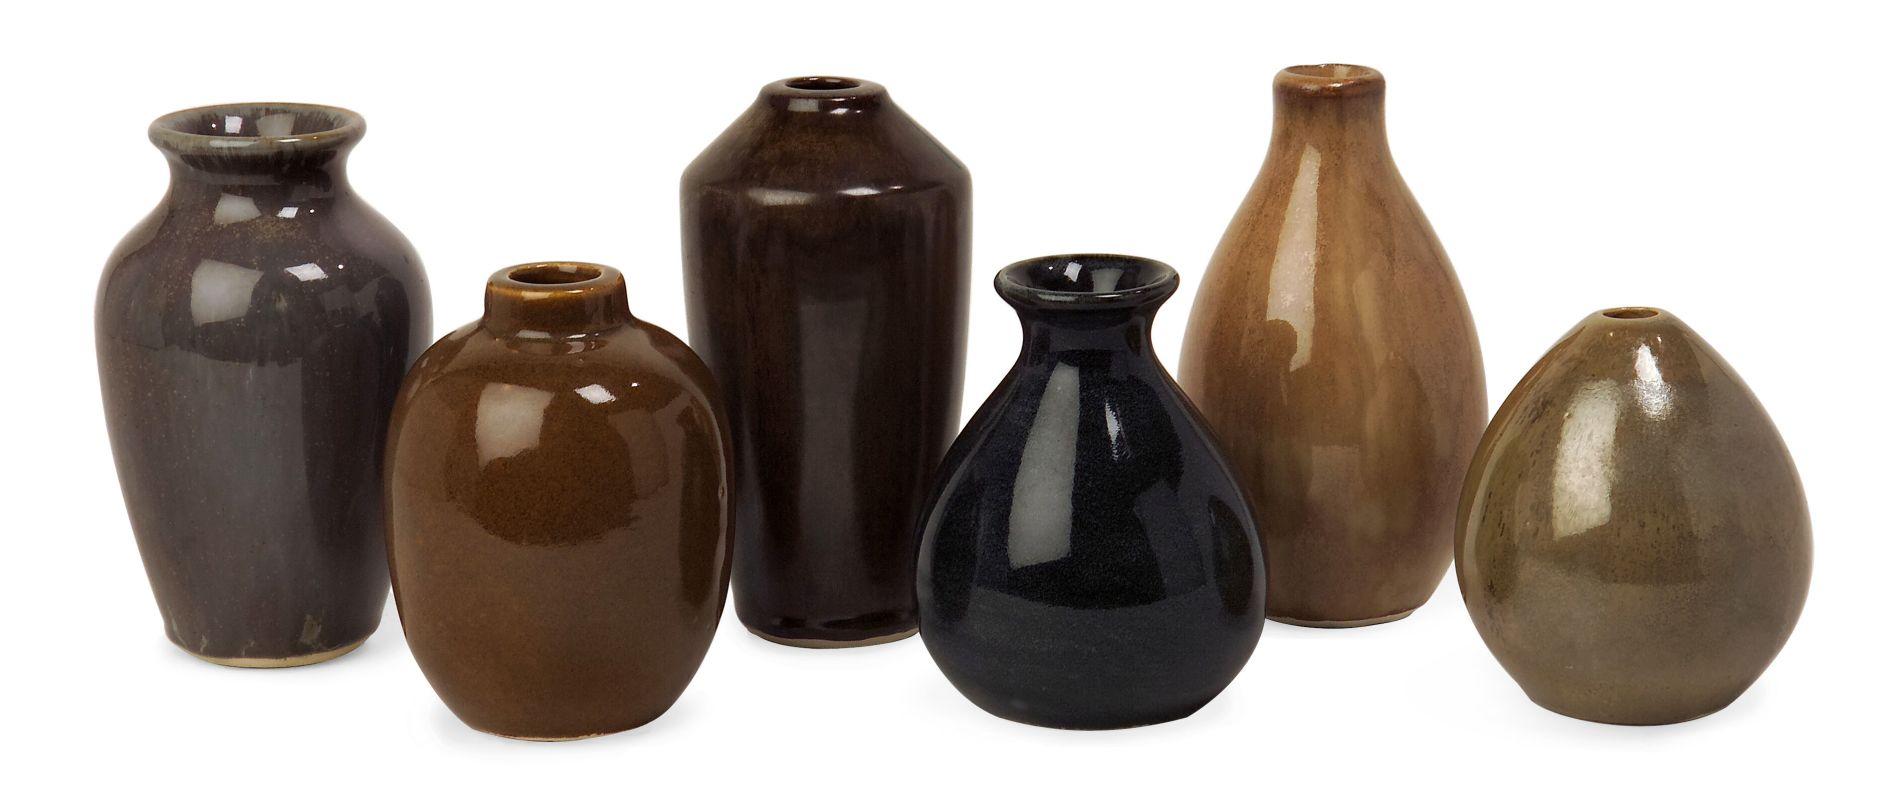 IMAX Home 35073-6 Mini Vases - Set of 6 Home Decor Vases